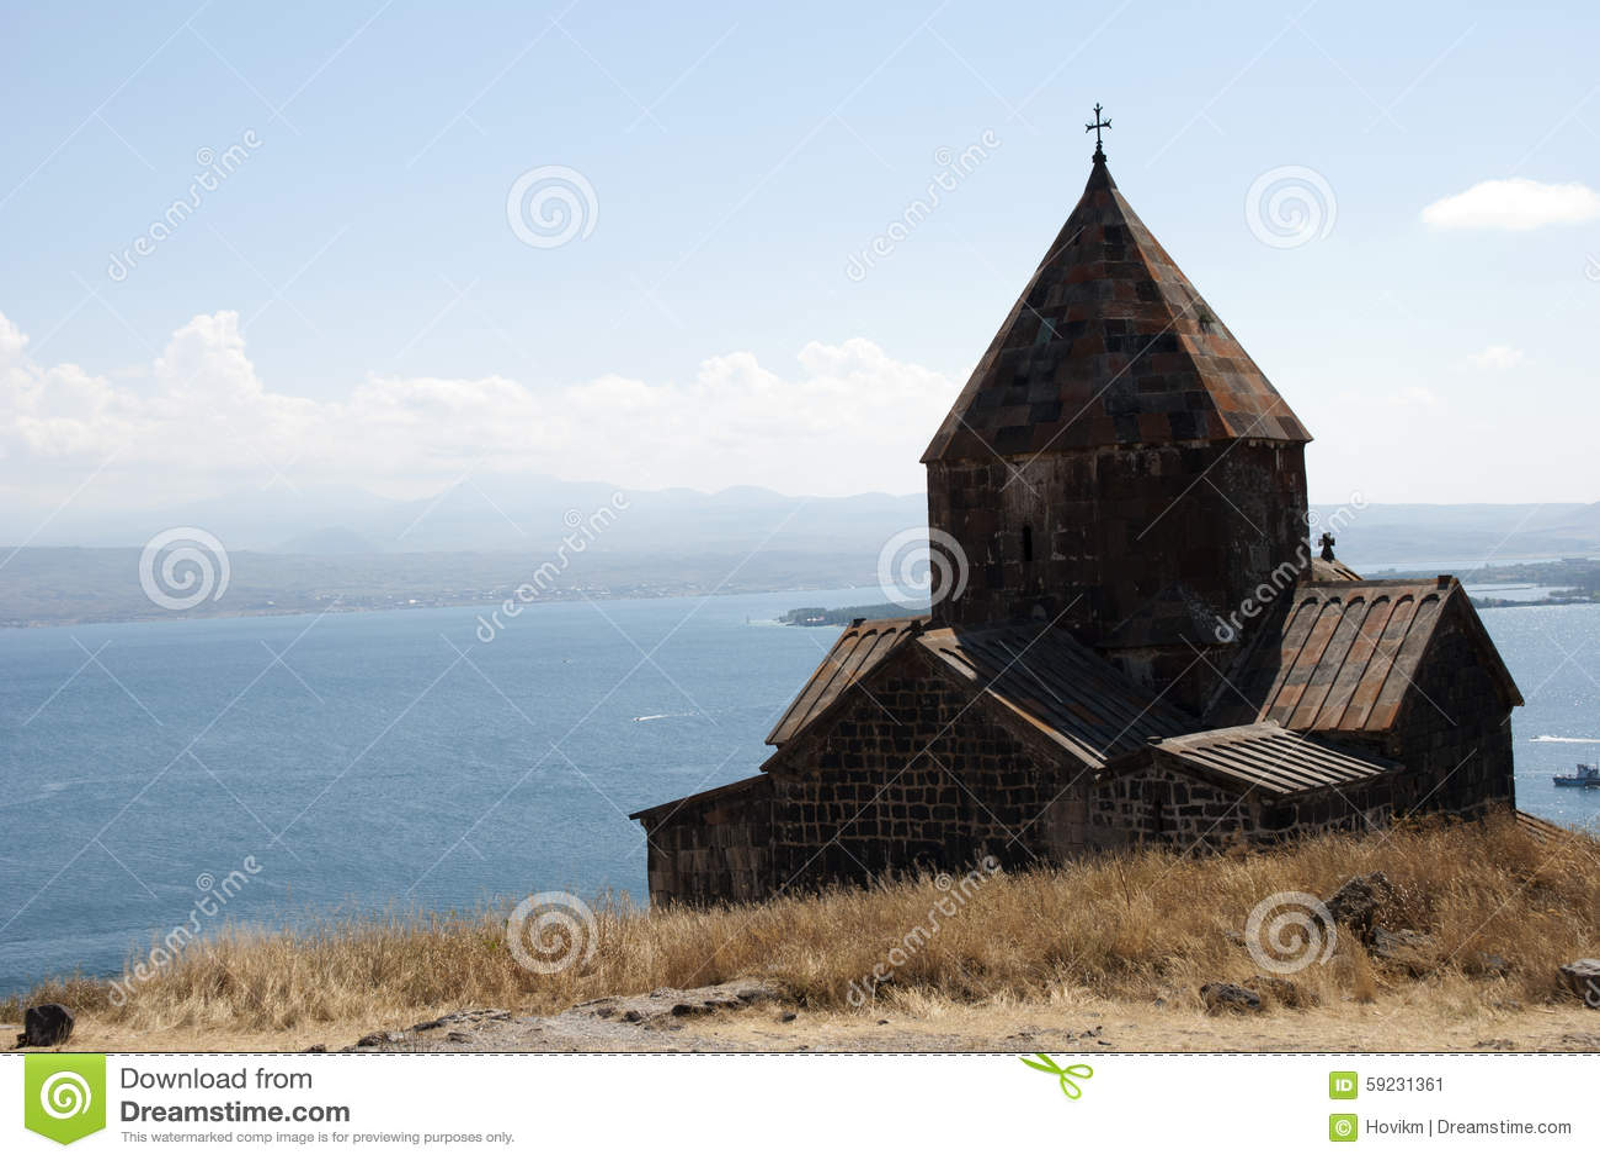 Download El Monasterio De La Isla O La Isla Y El Sevanavank De Sevan Imagen de archivo - Imagen de cielo, d0: 59231361